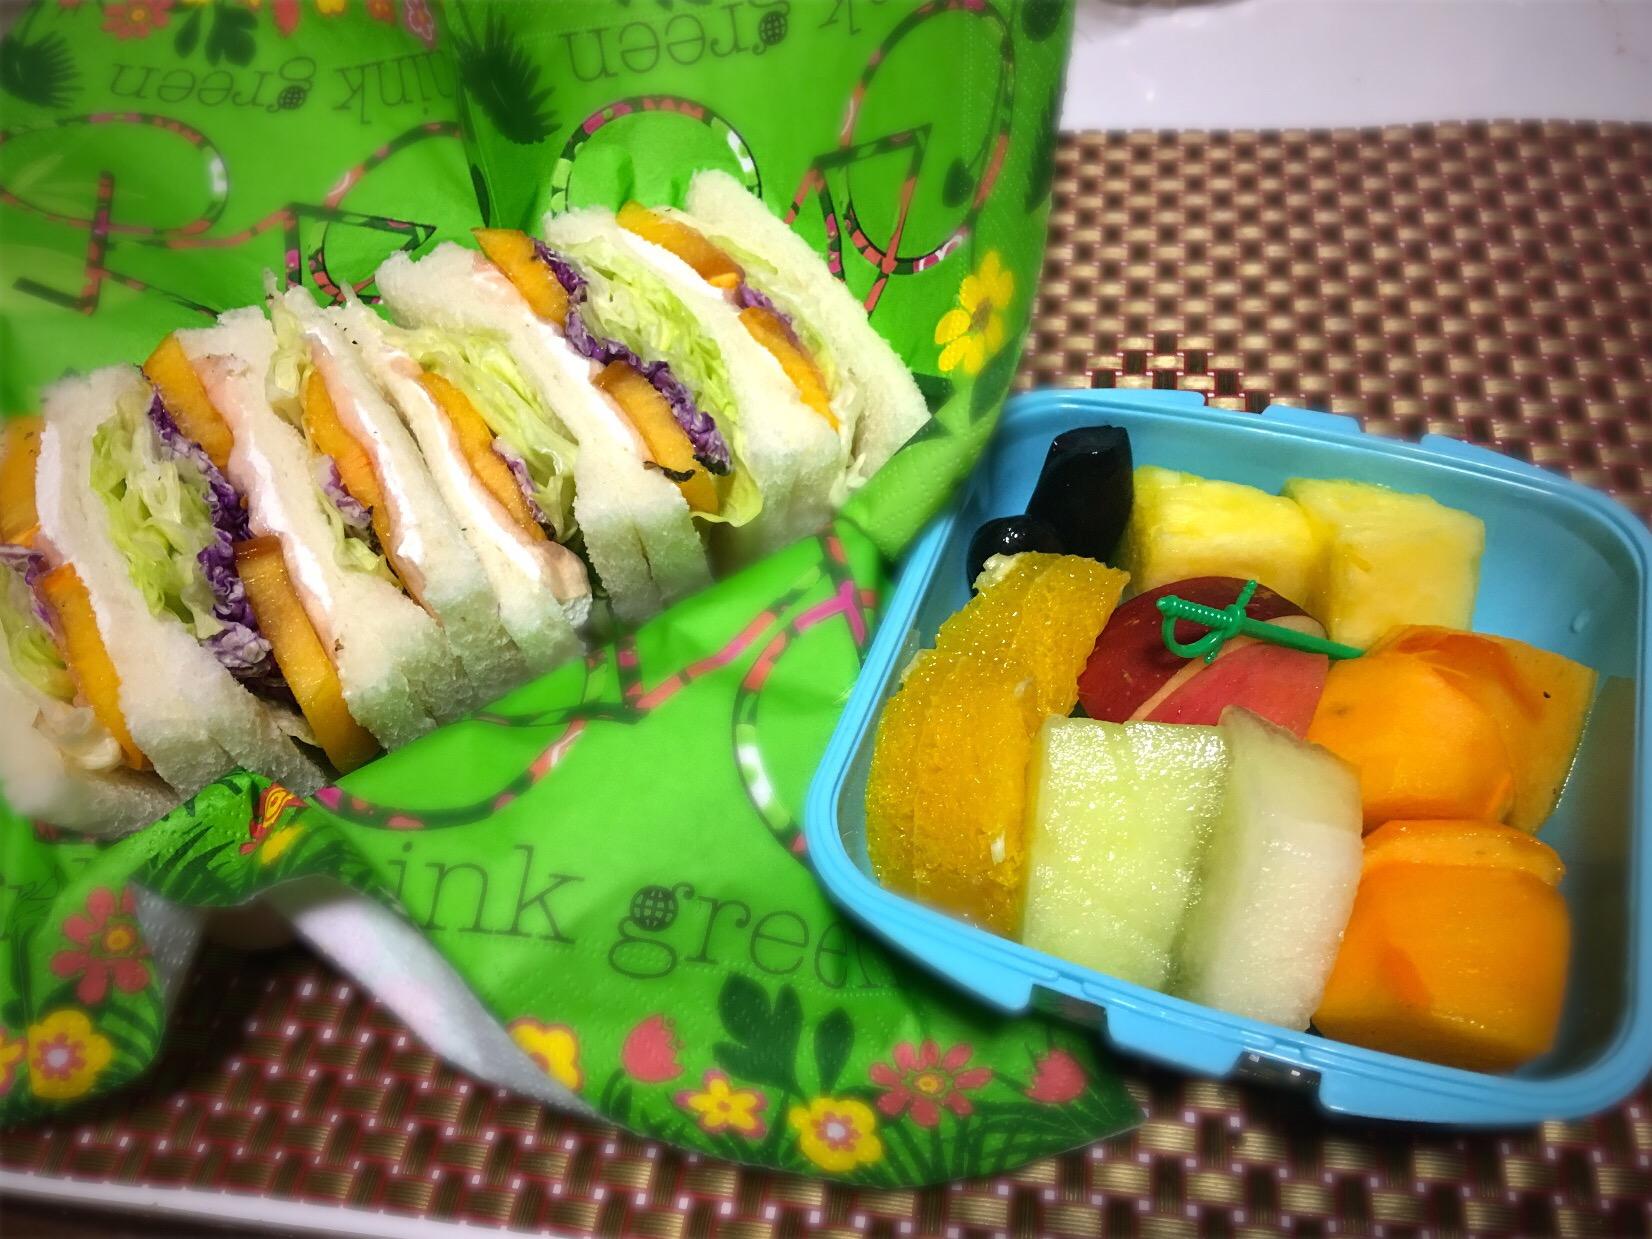 娘の大好きな柿と生ハムのサンドイッチ 水切りヨーグルトのスプレッド#塗るチーズ#柿と生ハム #水切りヨーグルト